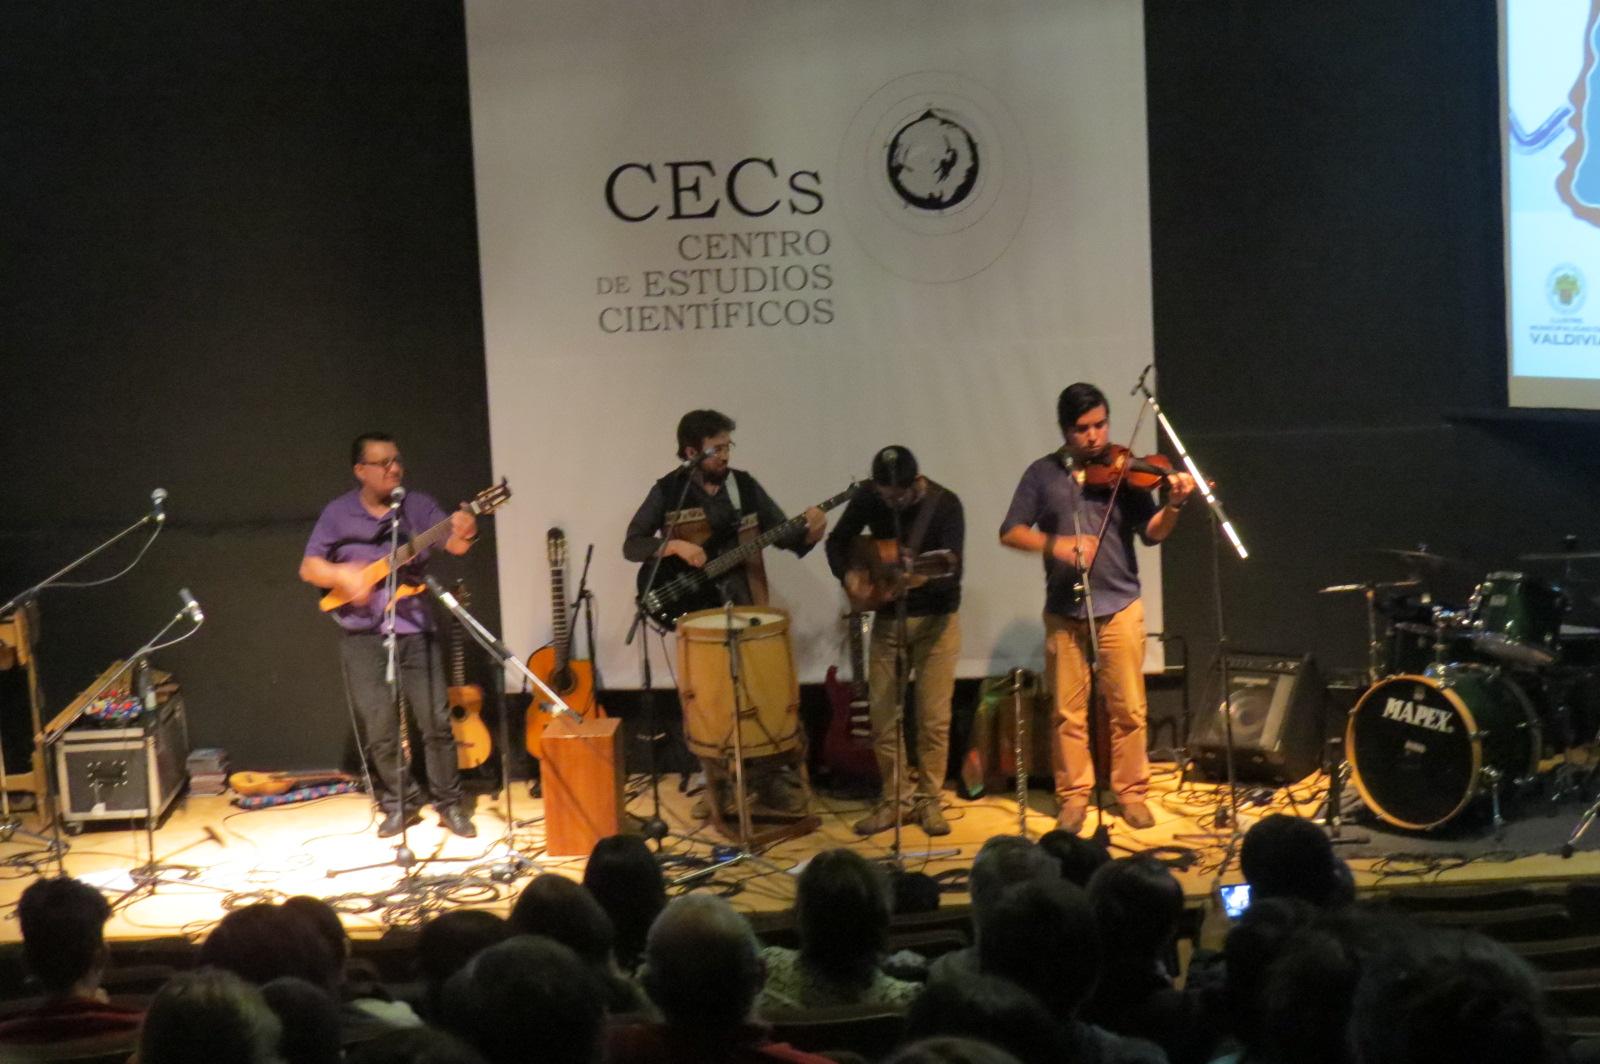 sajama en CECs